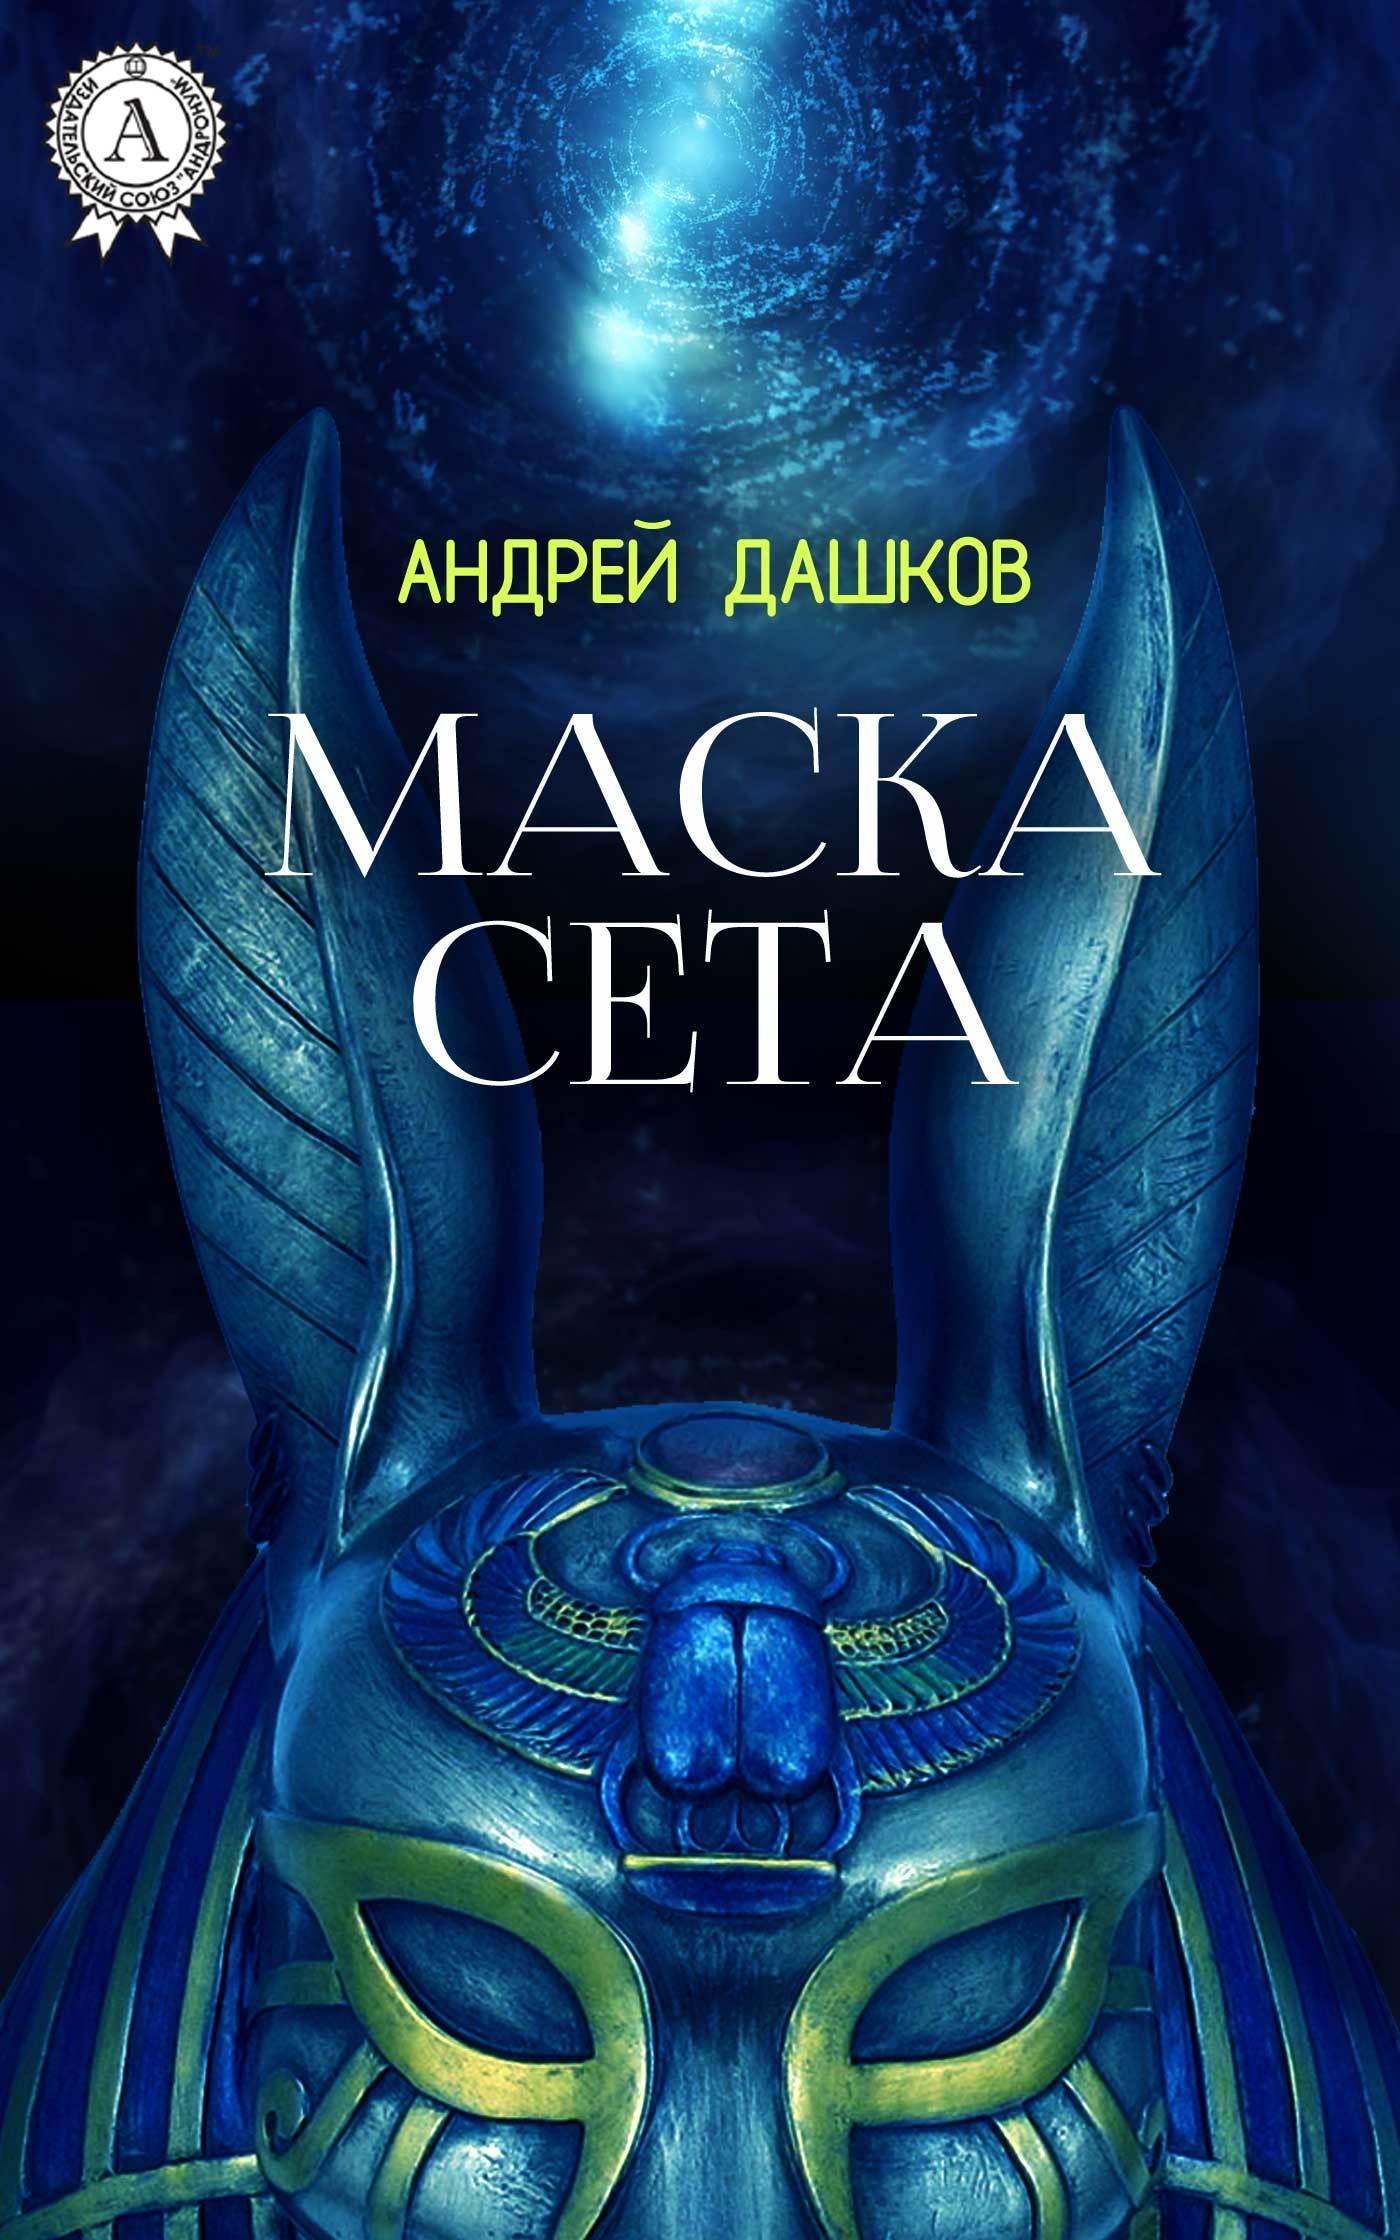 Андрей Дашков - Маска Сета